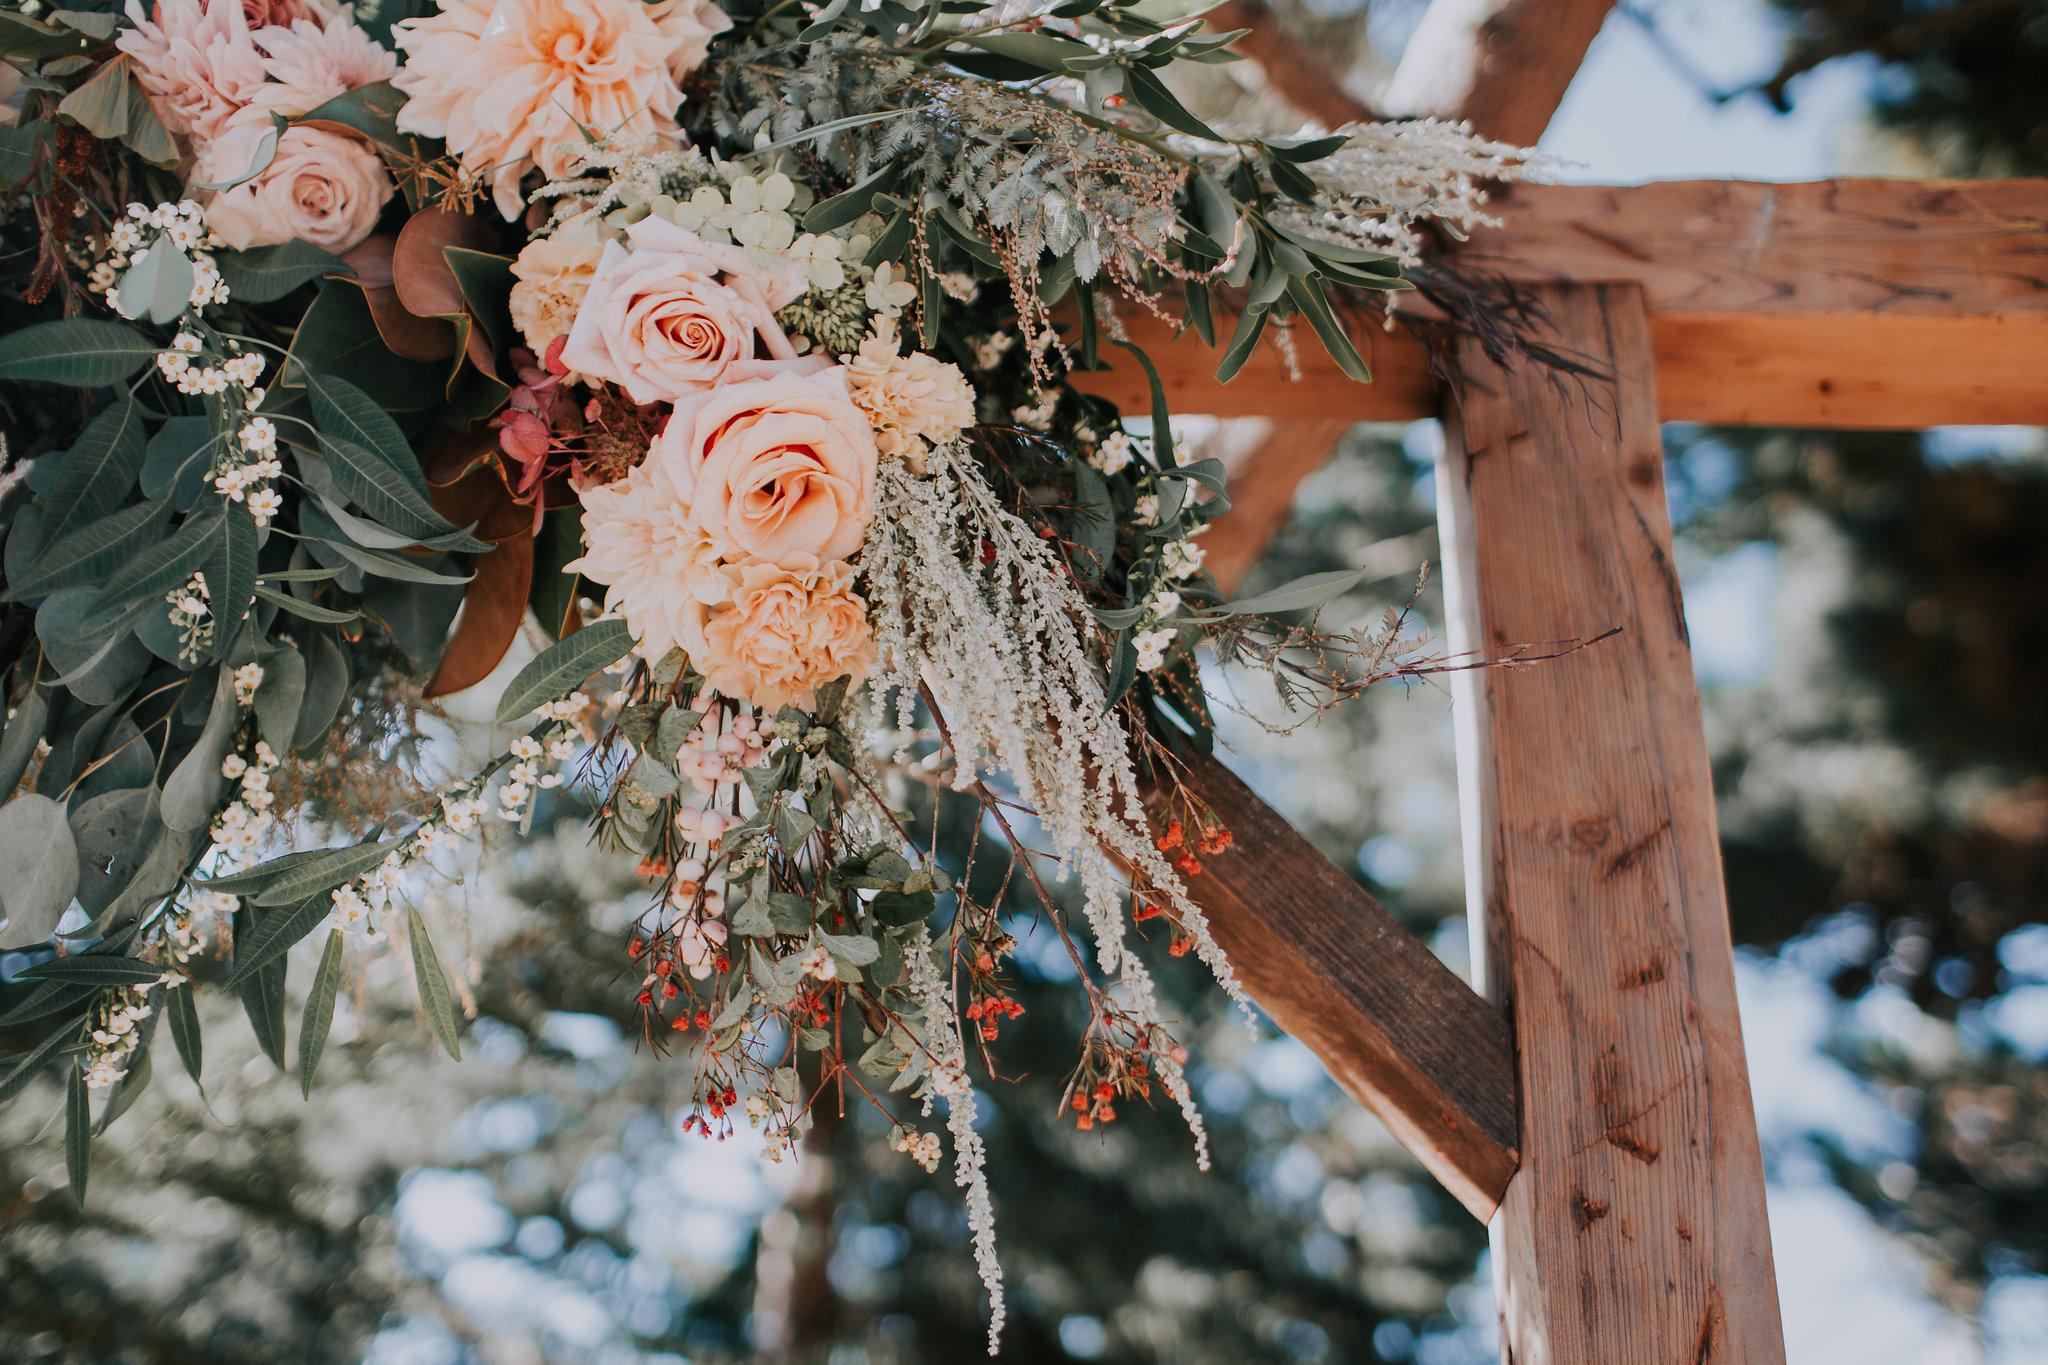 Backyard-Wedding-Montara-California-Megan-Josh-Vafa-Photo-465.jpg